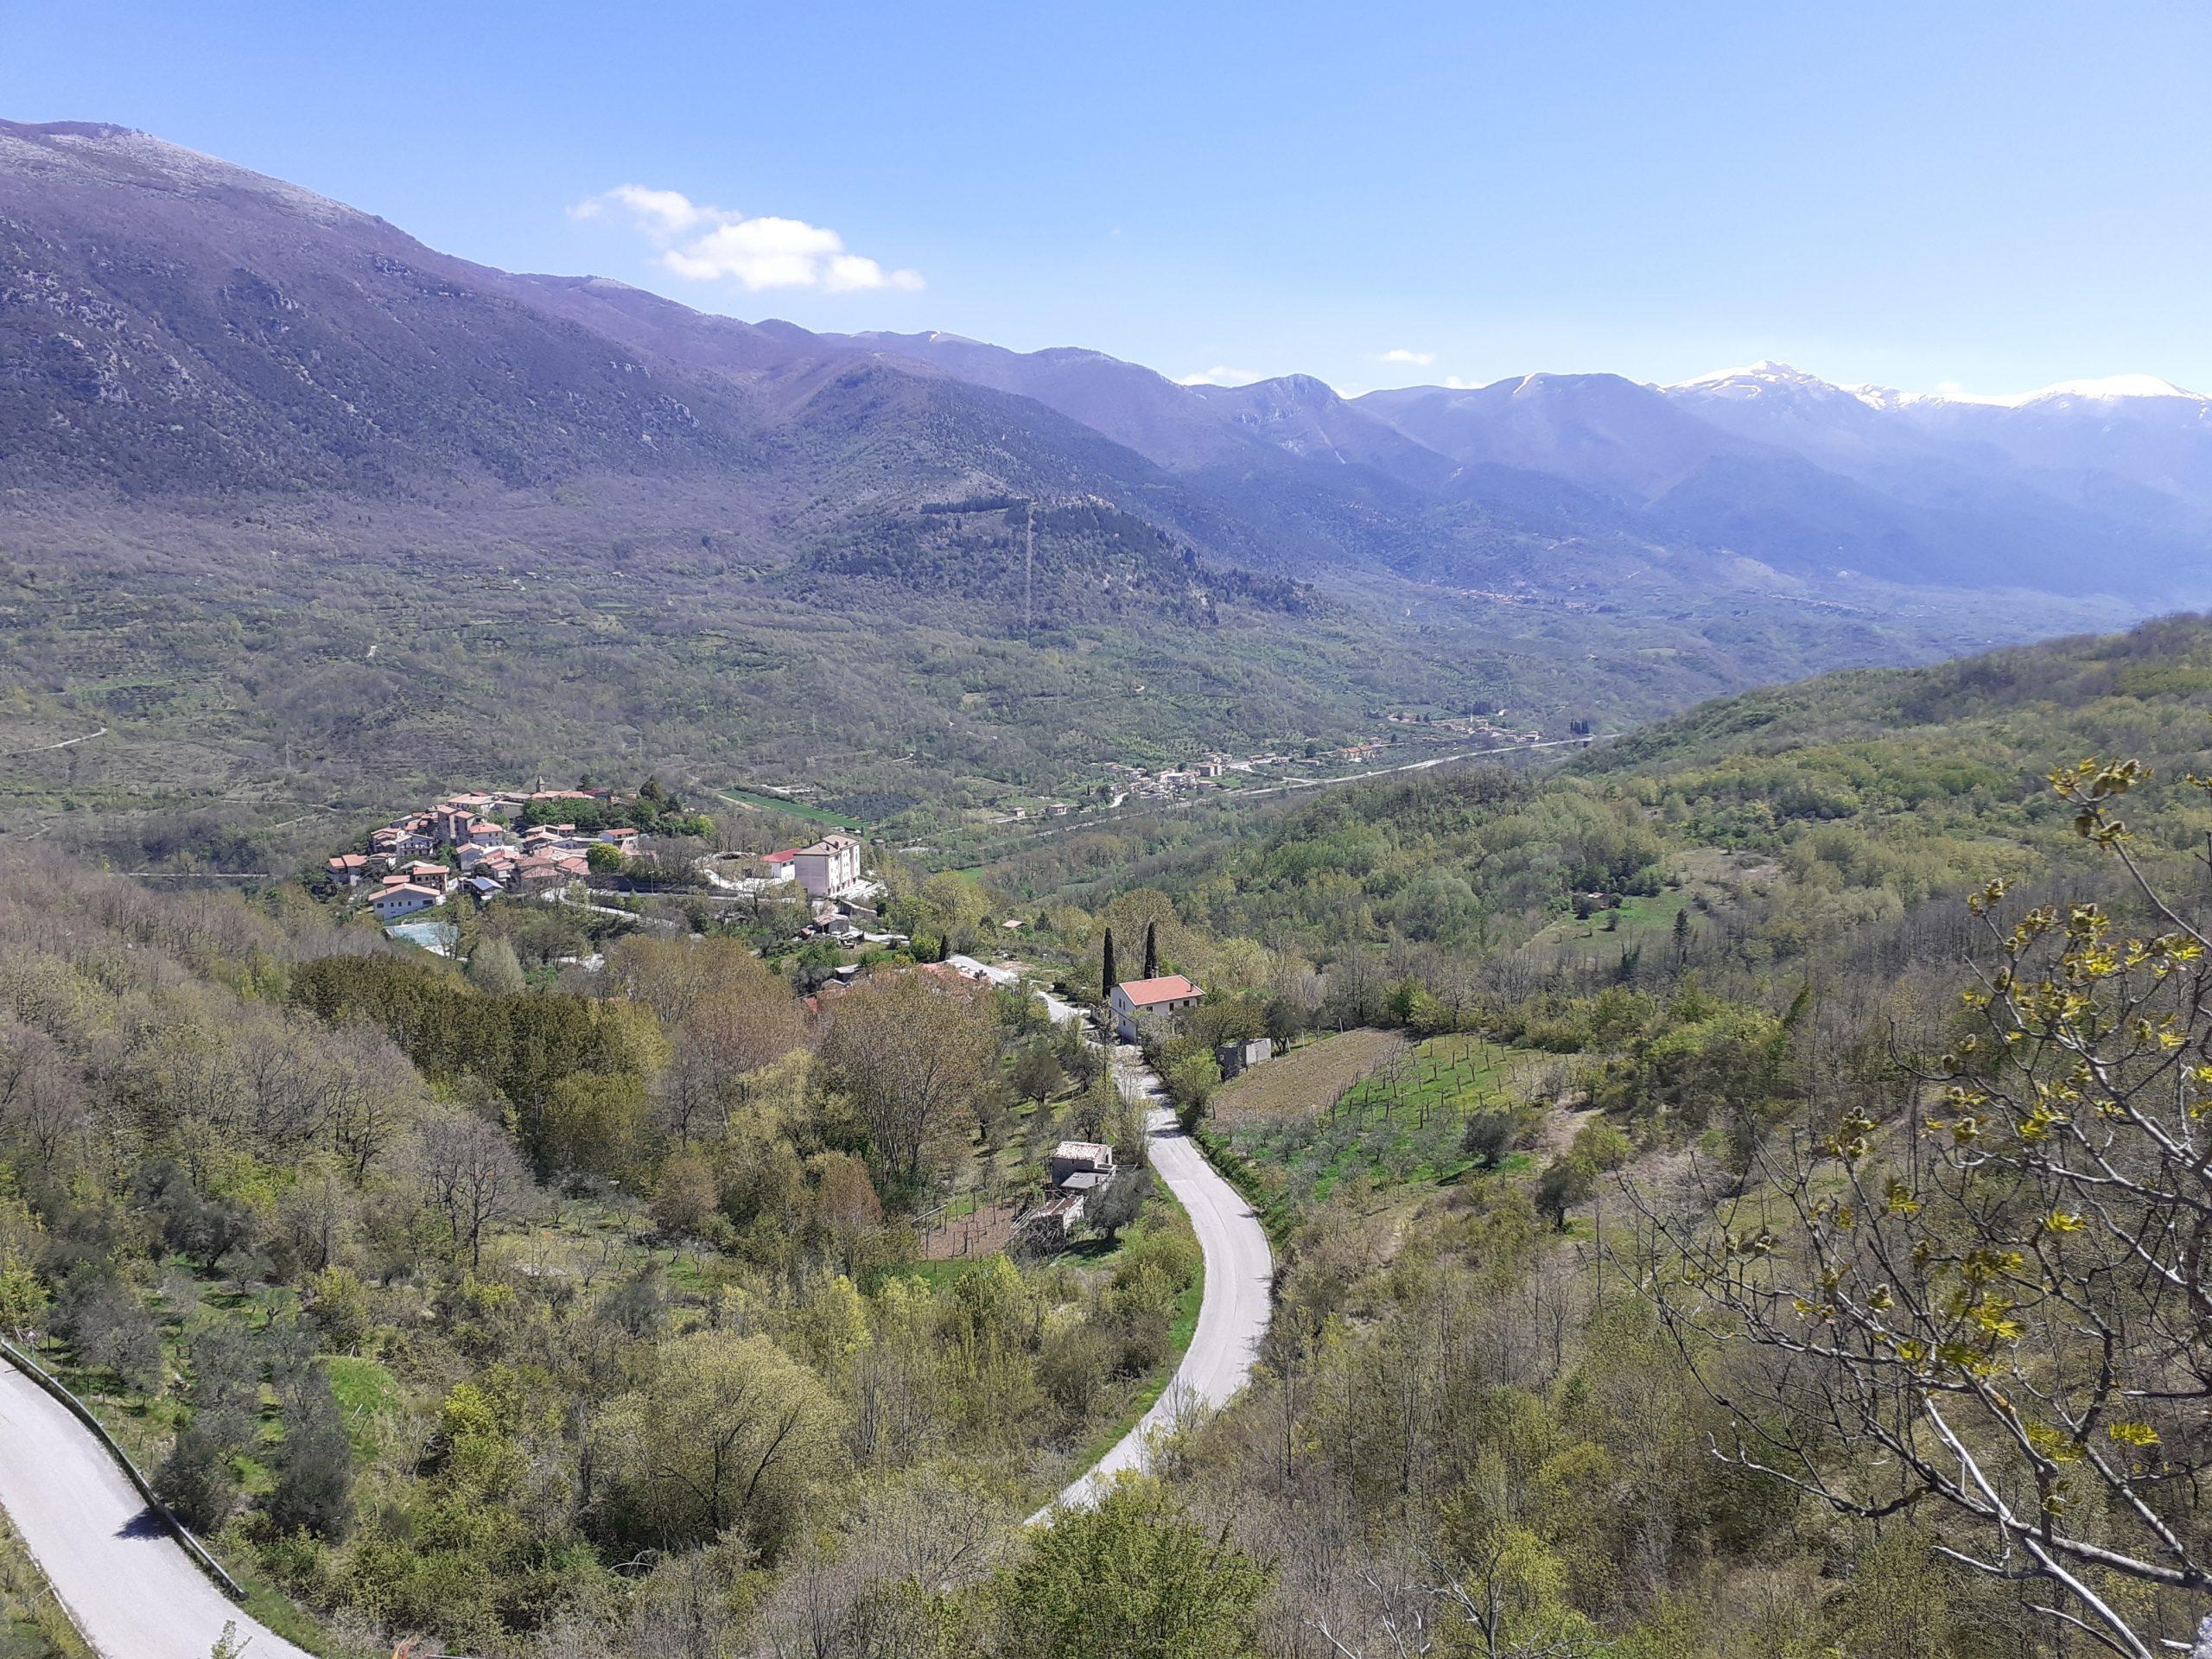 Marsilio presenta il raddoppio dell'ex superstrada del Liri, tutti d'accordo, ma si investa anche nel restyling della SR82 e della viabilità interna della valle